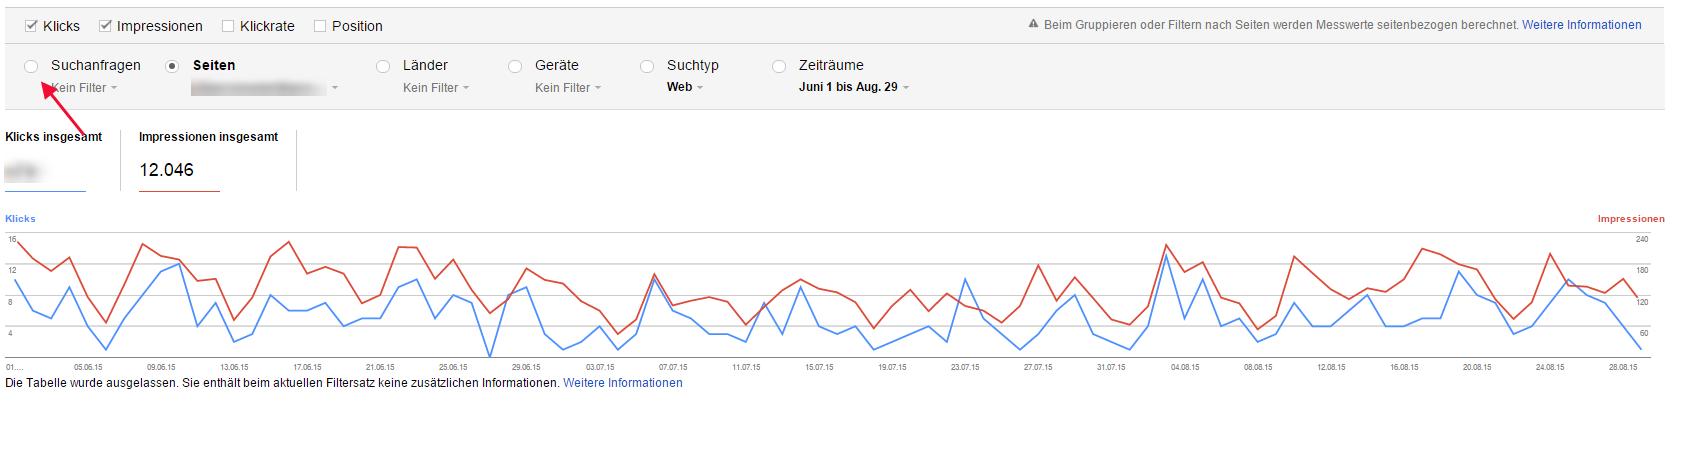 Keyword-Analyse auf seitenebene der google search console